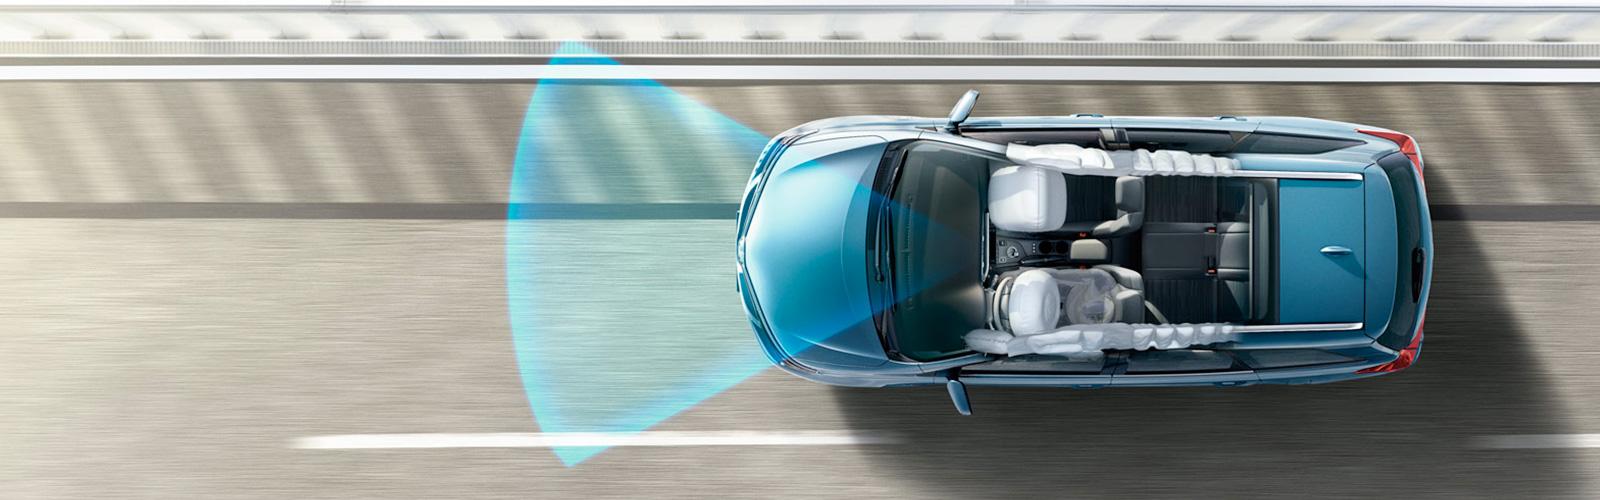 La seguridad es uno de los pilares fundamentales de Toyota